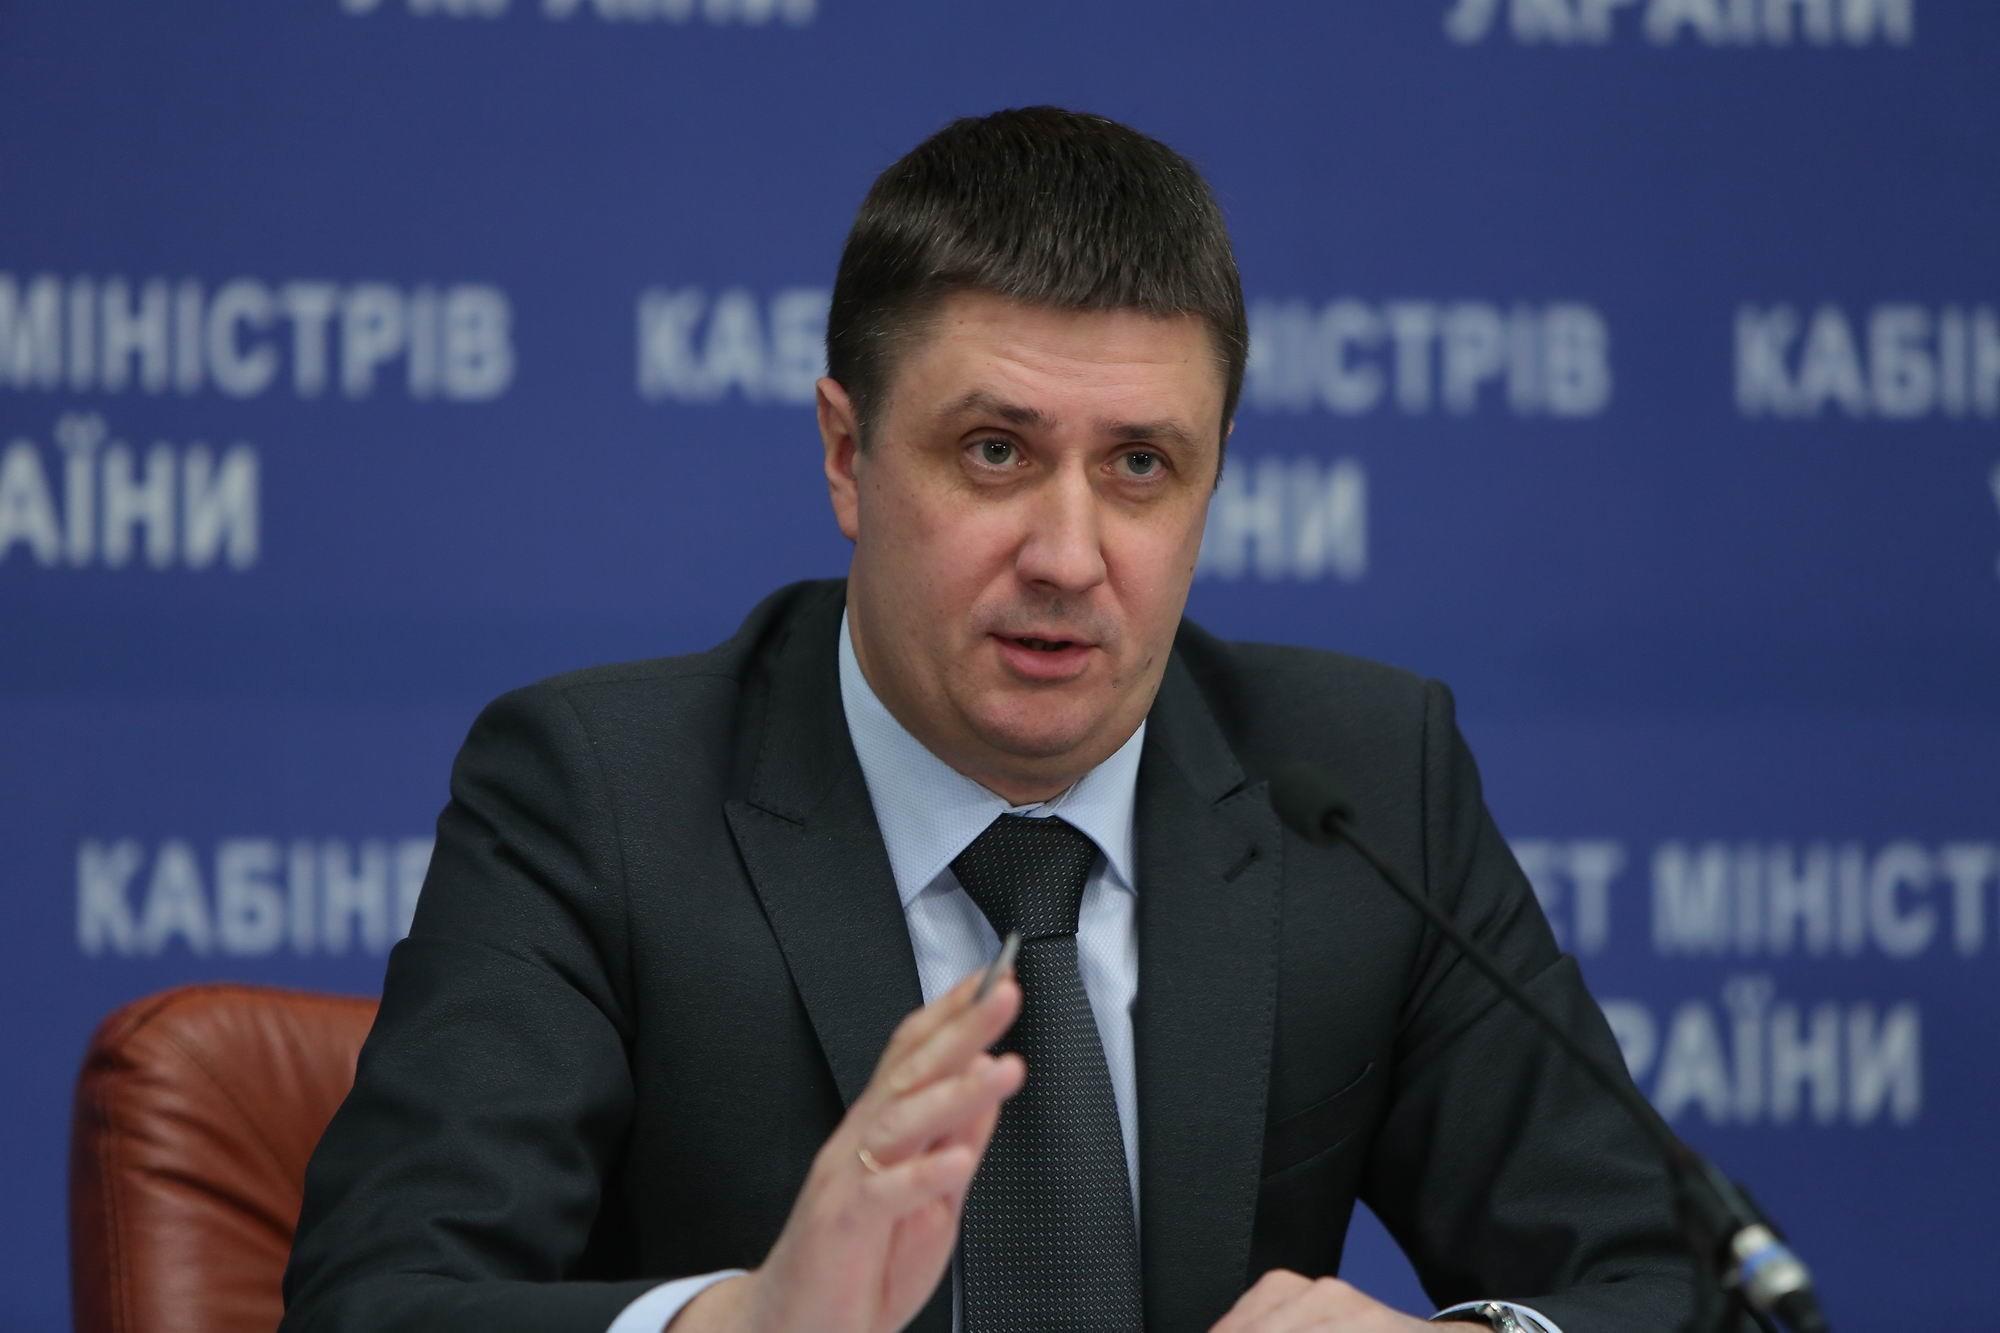 Кириленко подробно рассказал о стипендии в колледжах и университетах в 2017 году